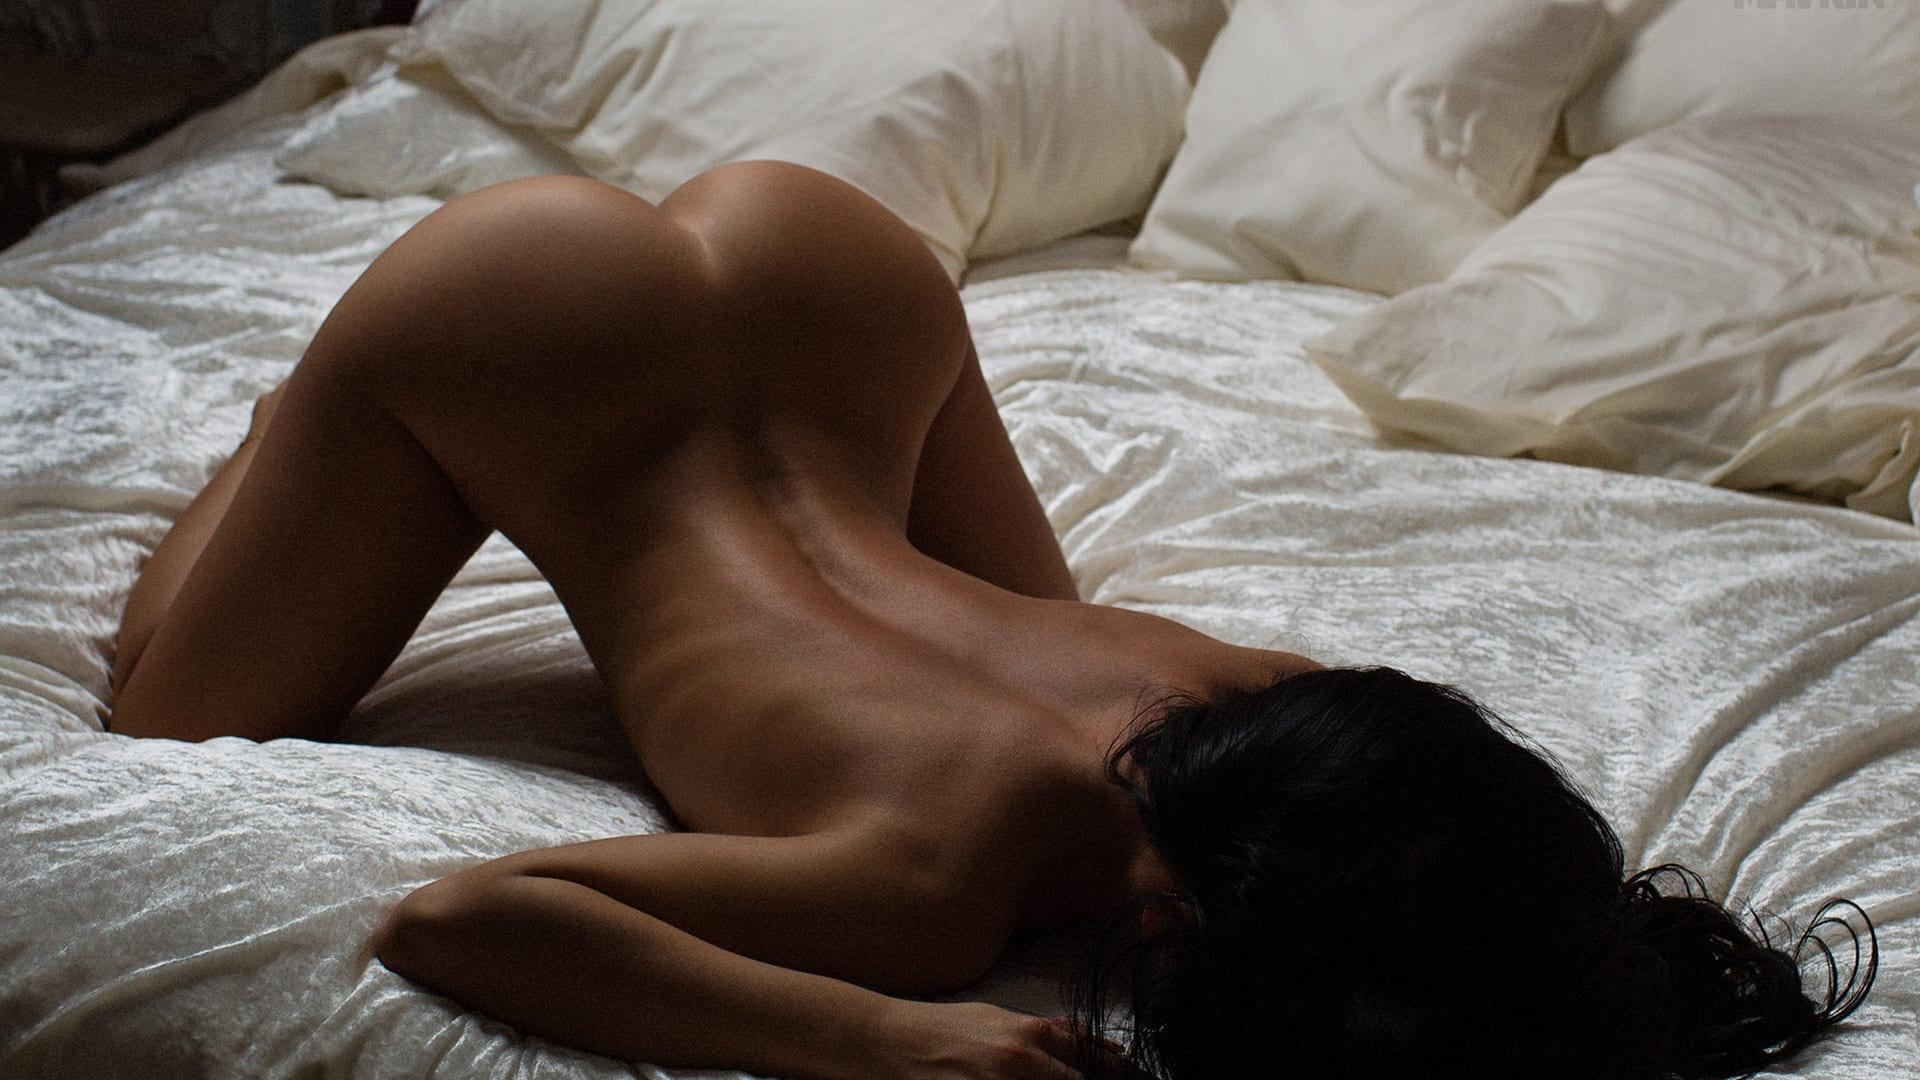 фото девушки брюнетки со спины голая раком на постели без лица